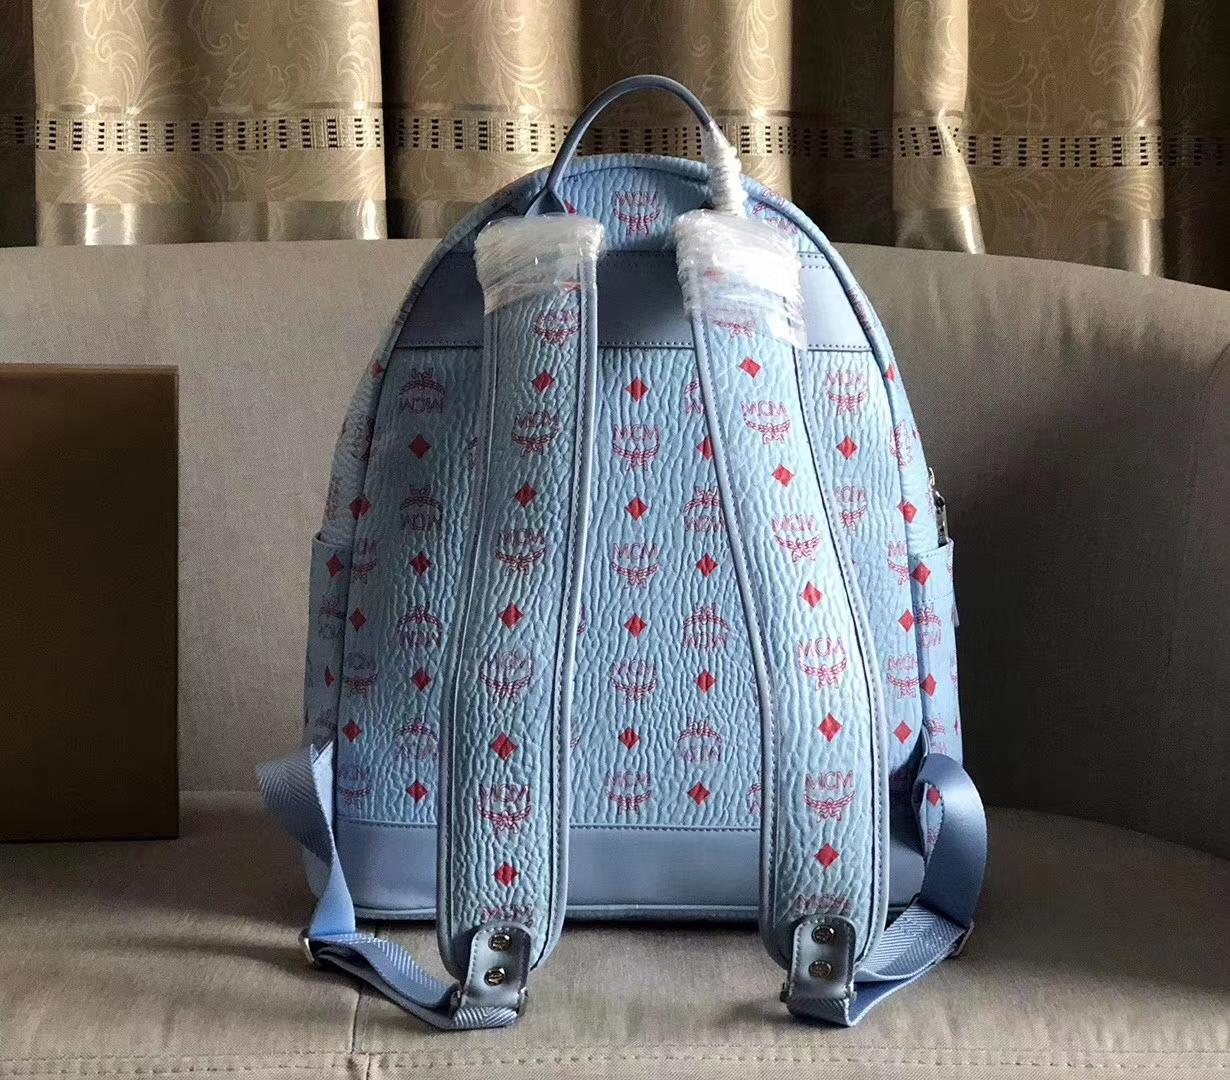 MCM经典双肩包中号 实用单品 经典Visetos印花设计 轻盈的粘合涂层帆布制成